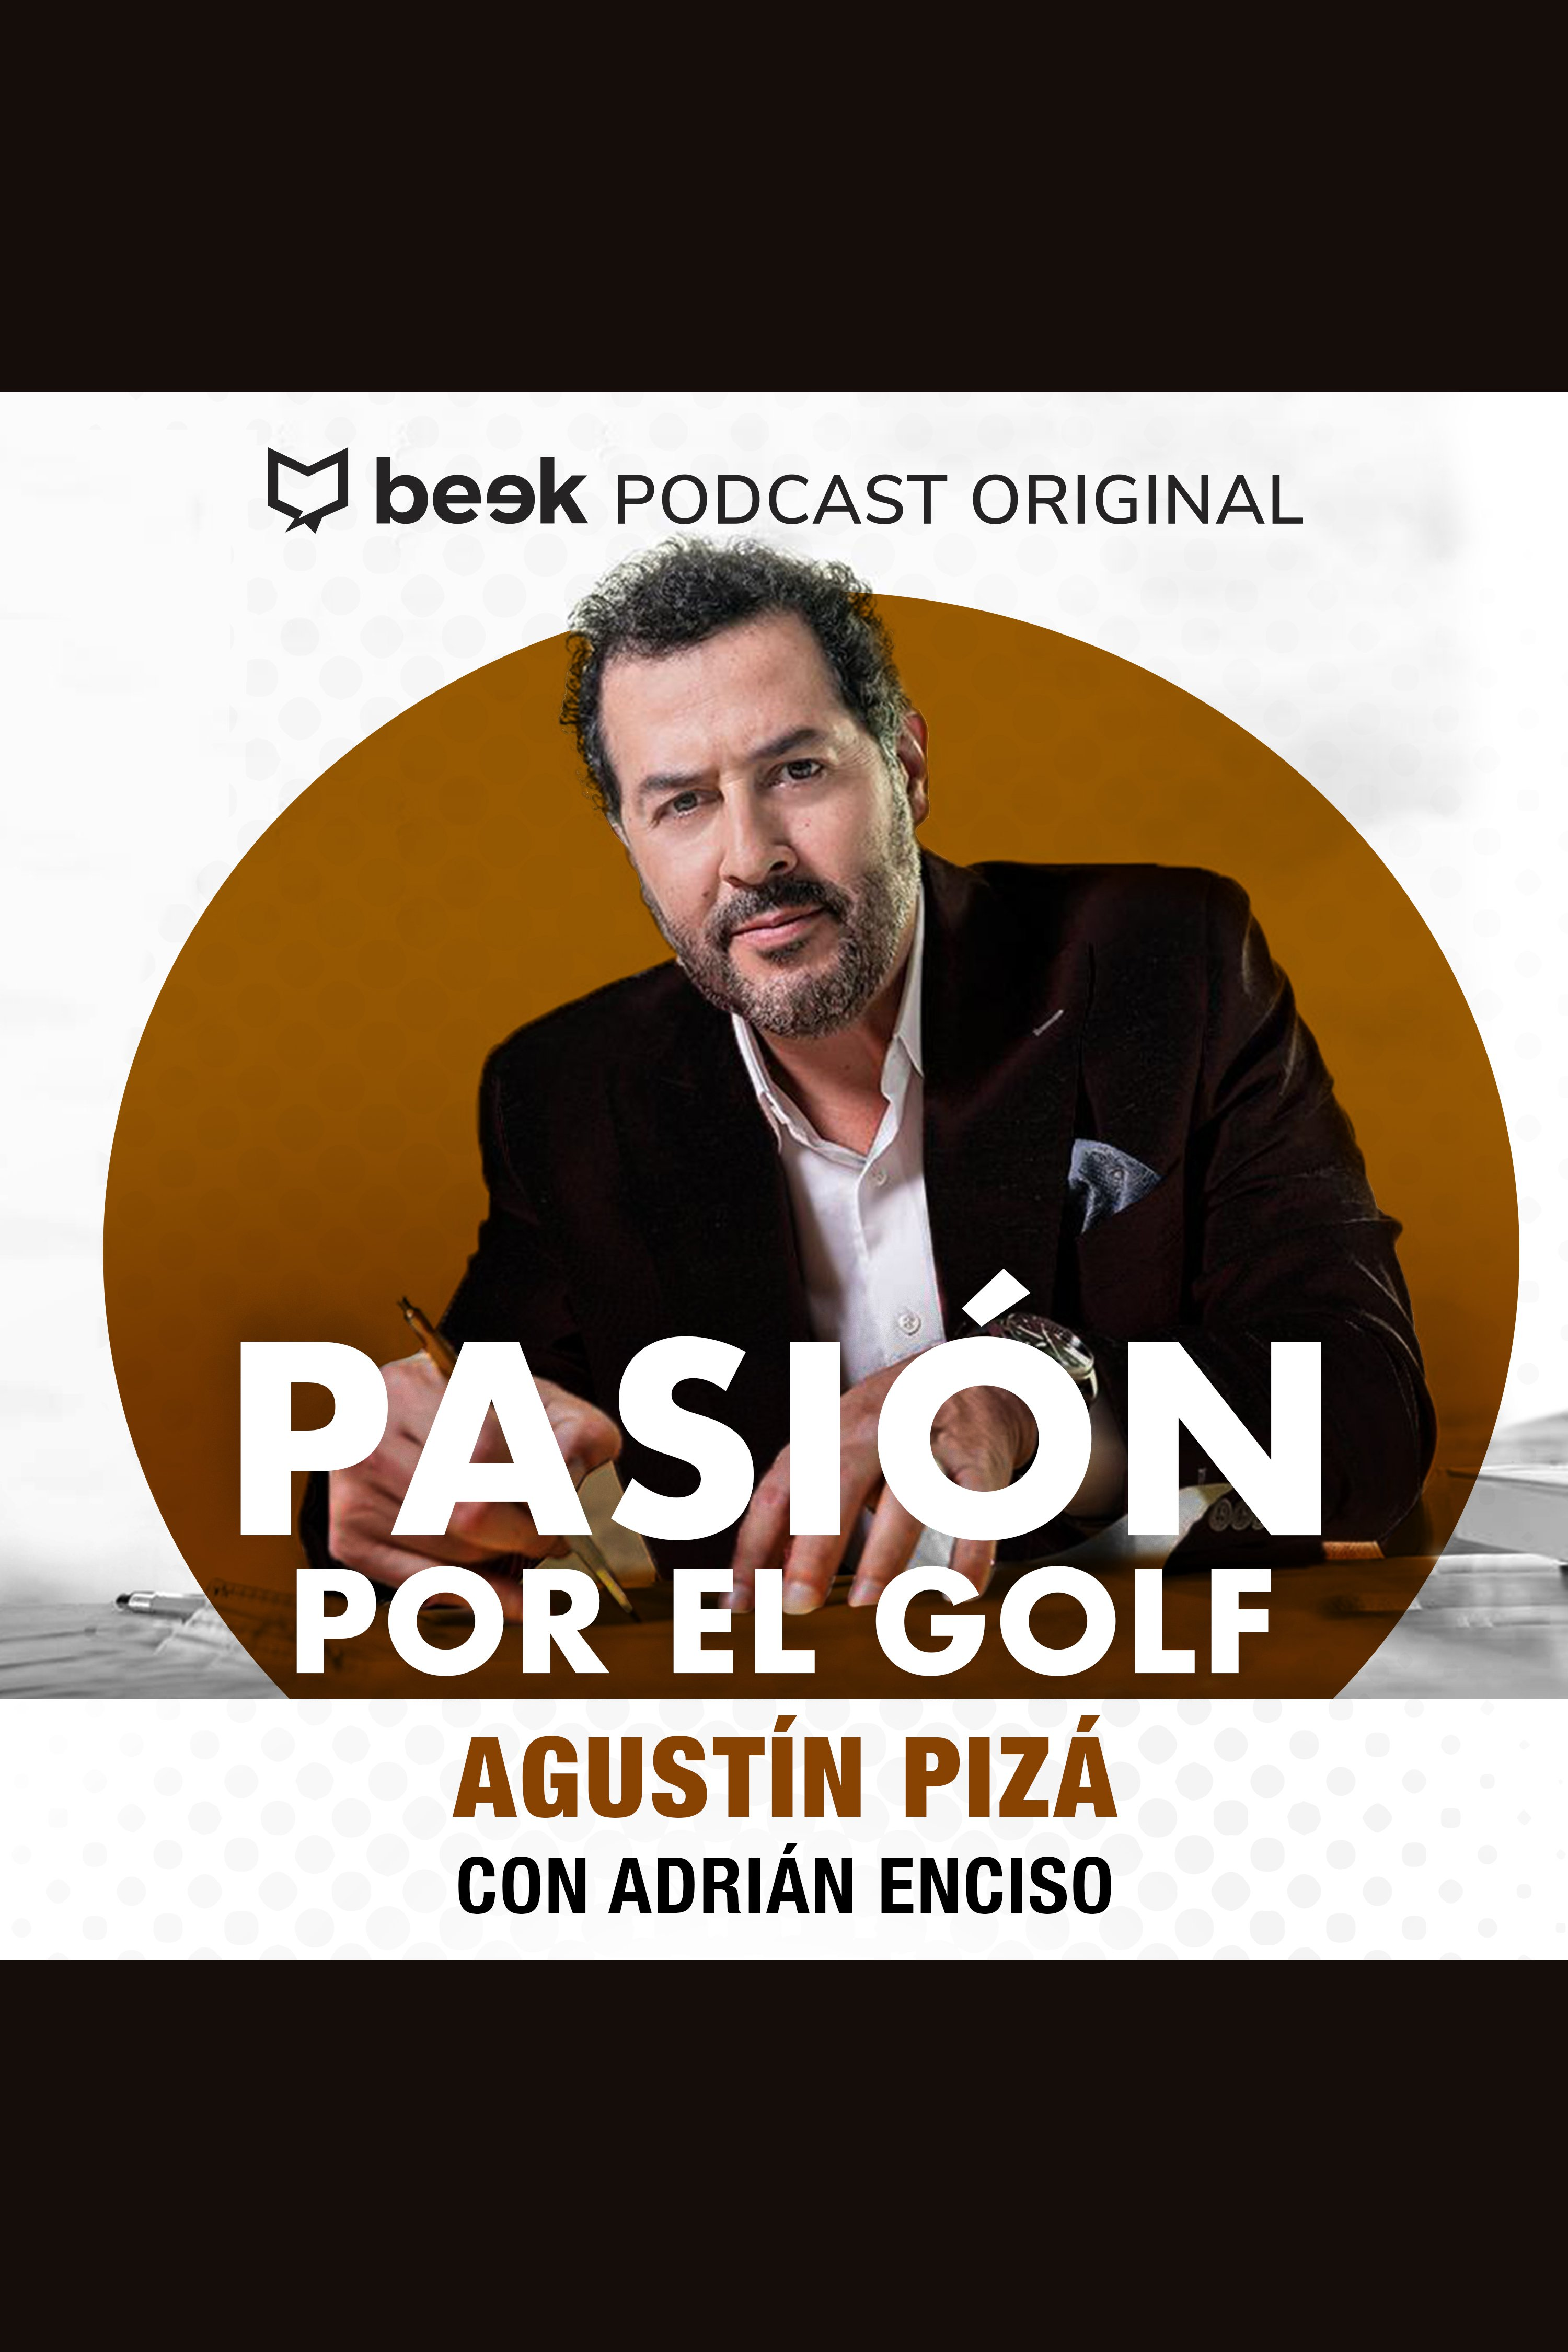 Esta es la portada del audiolibro Adrián Enciso